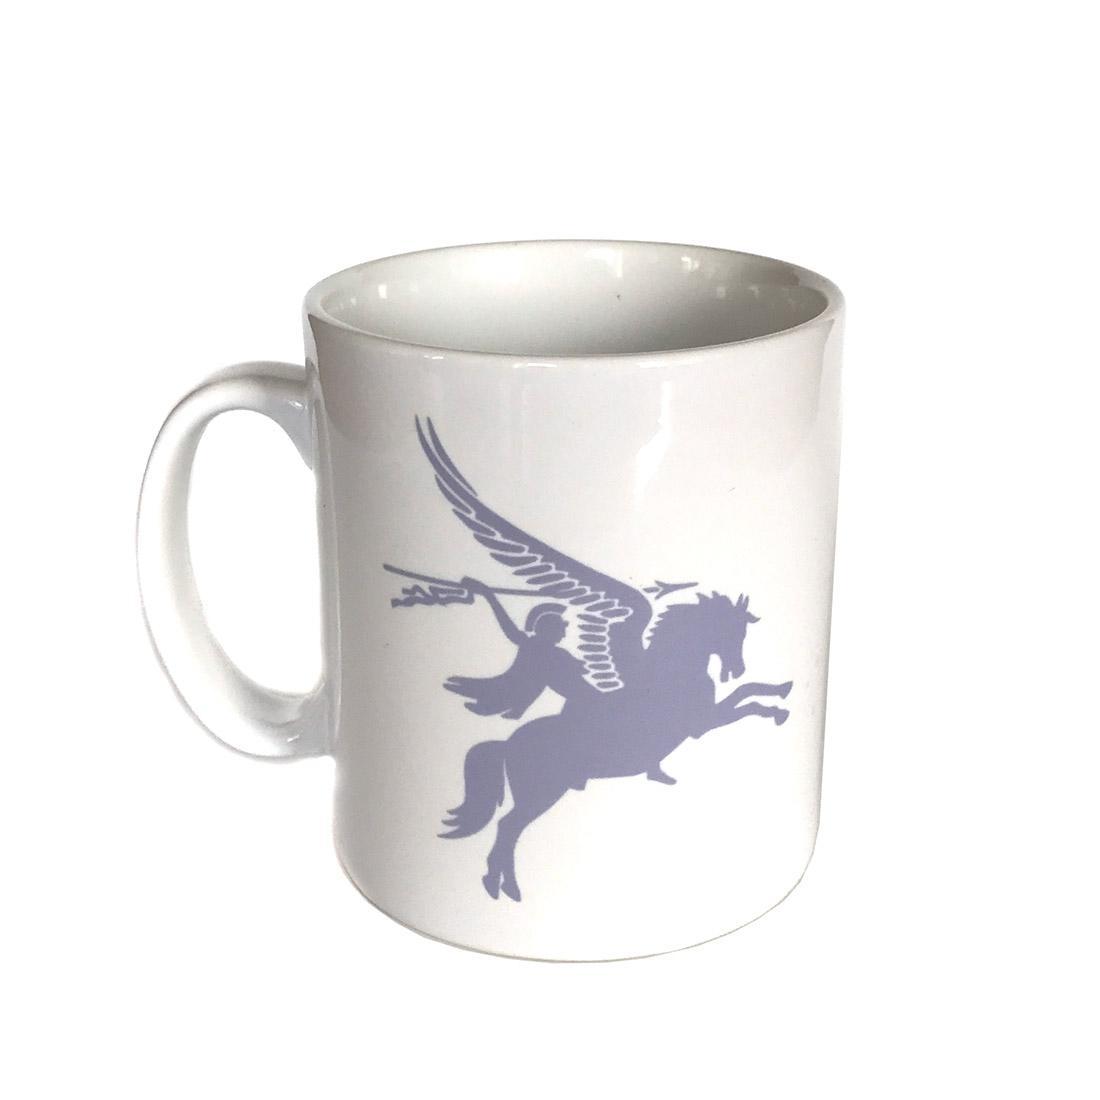 Mug - Pegasus